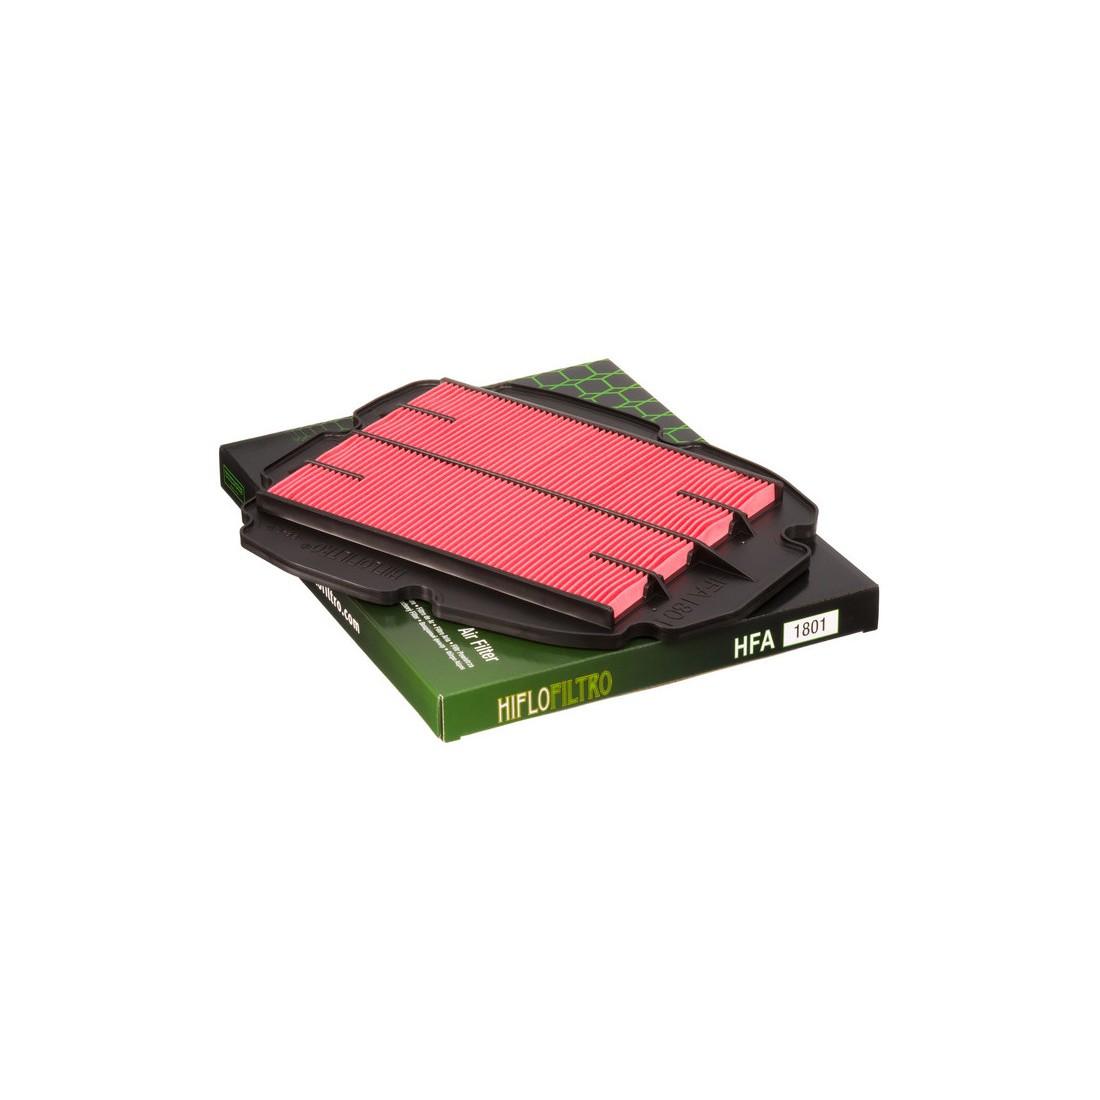 Filtro Aire Hiflofiltro HFA1801